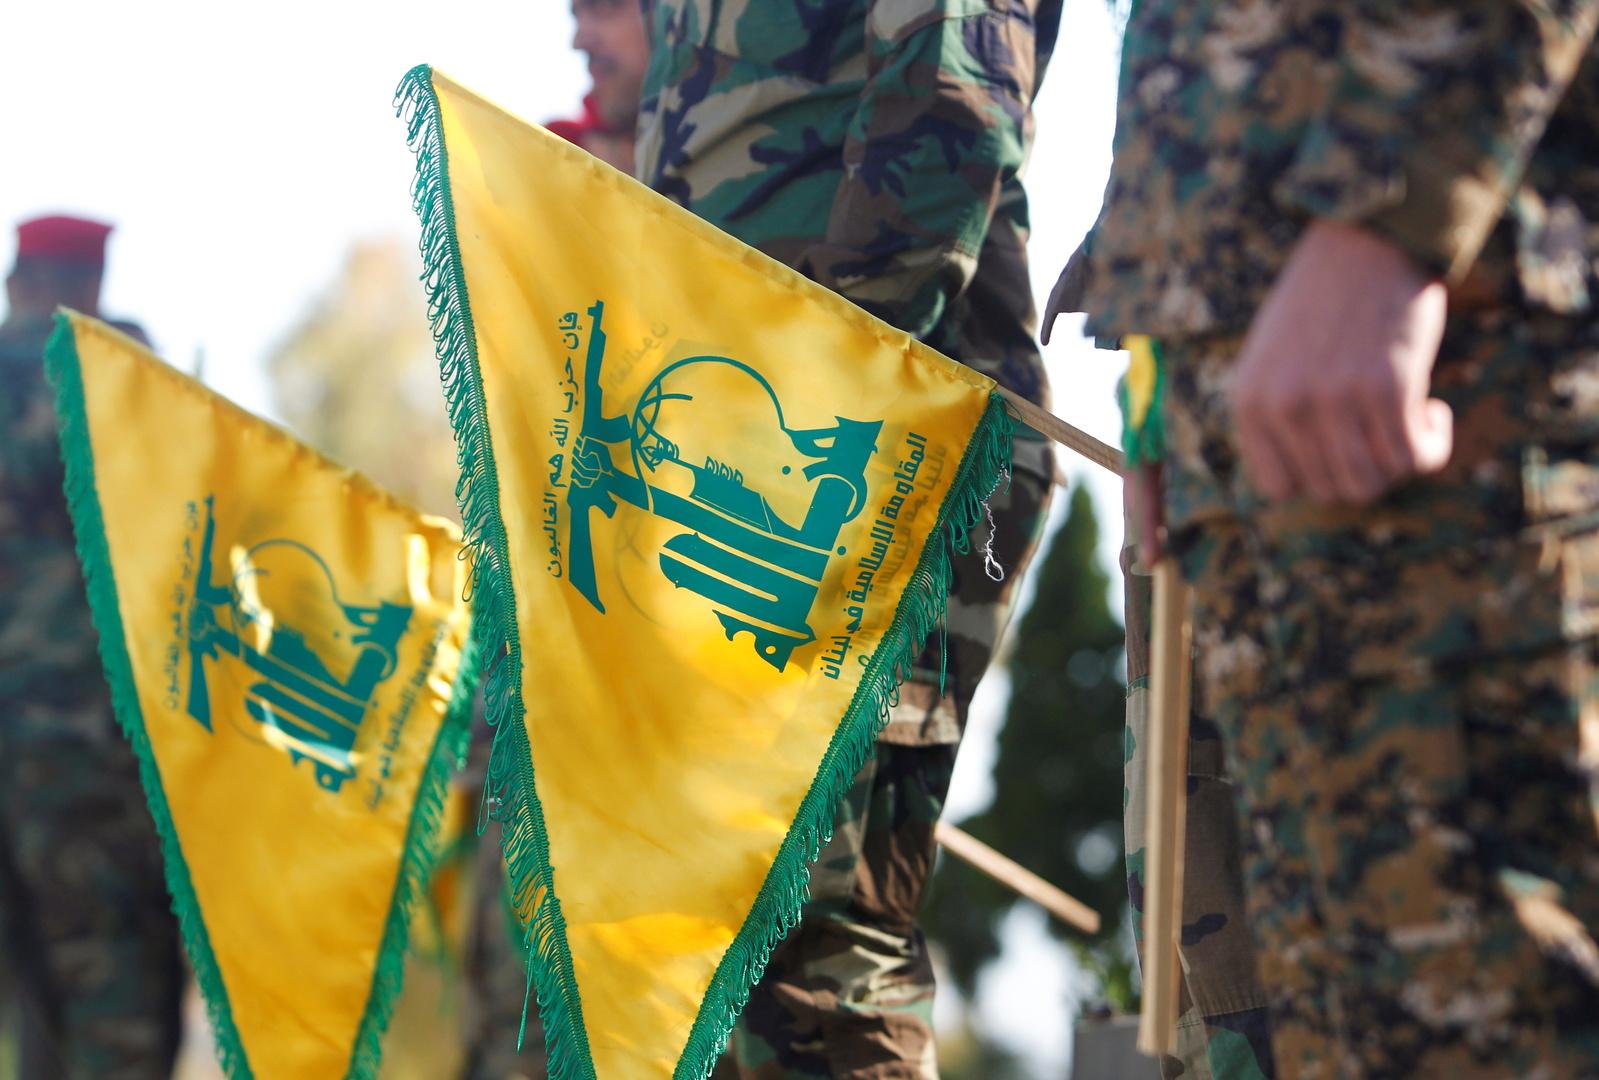 کنار گذاشتن حزبالله یا فروپاشی کشور دو گزینه غرب پیش روی مردم لبنان